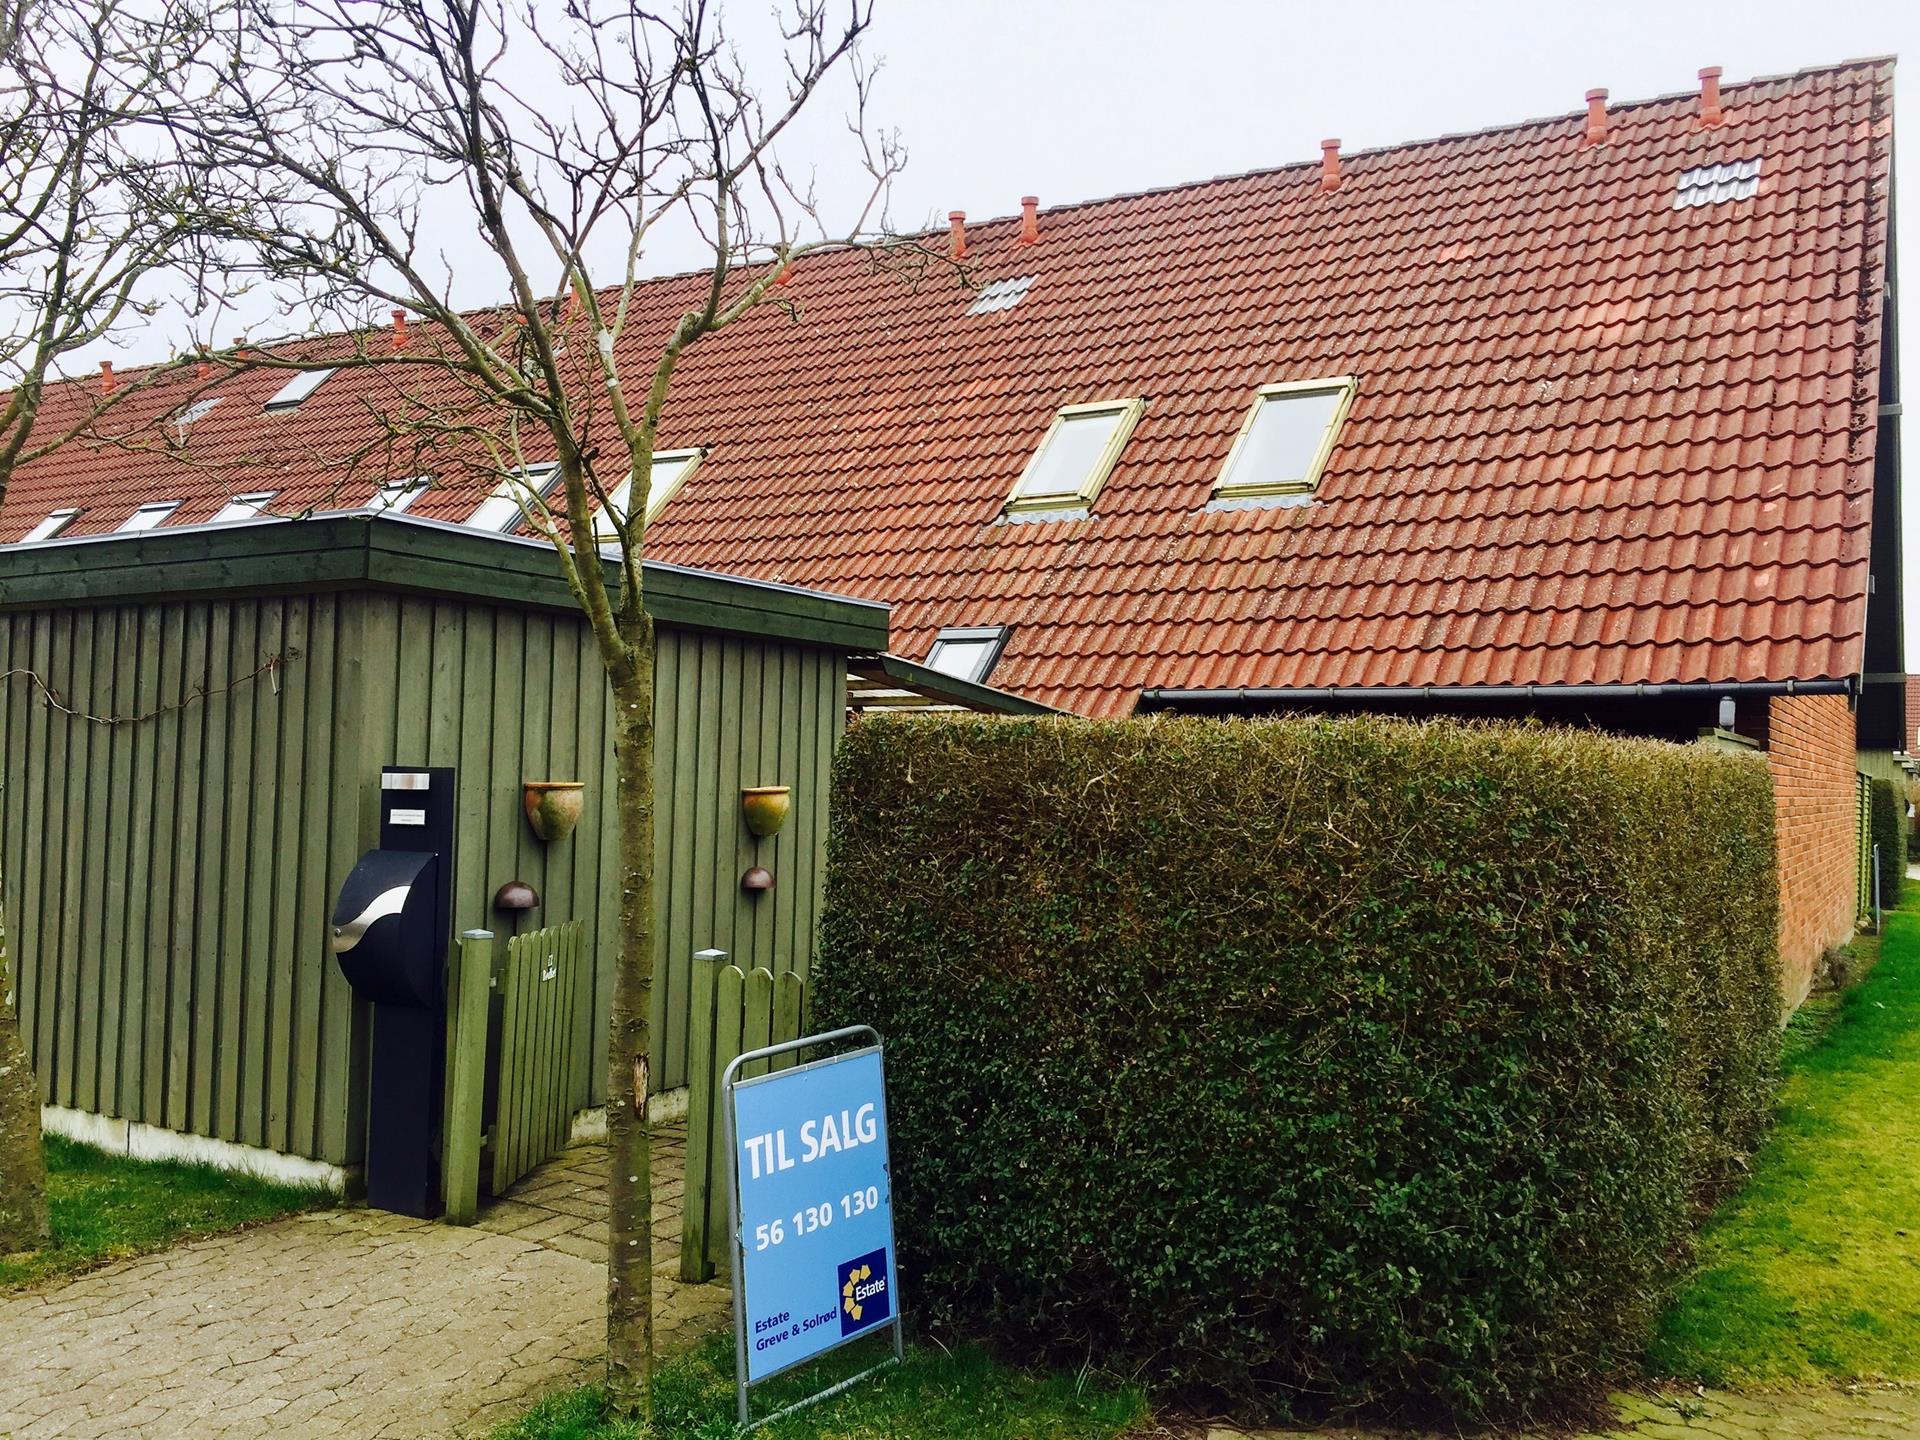 Rækkehus på Grønløkke i Havdrup - Andet